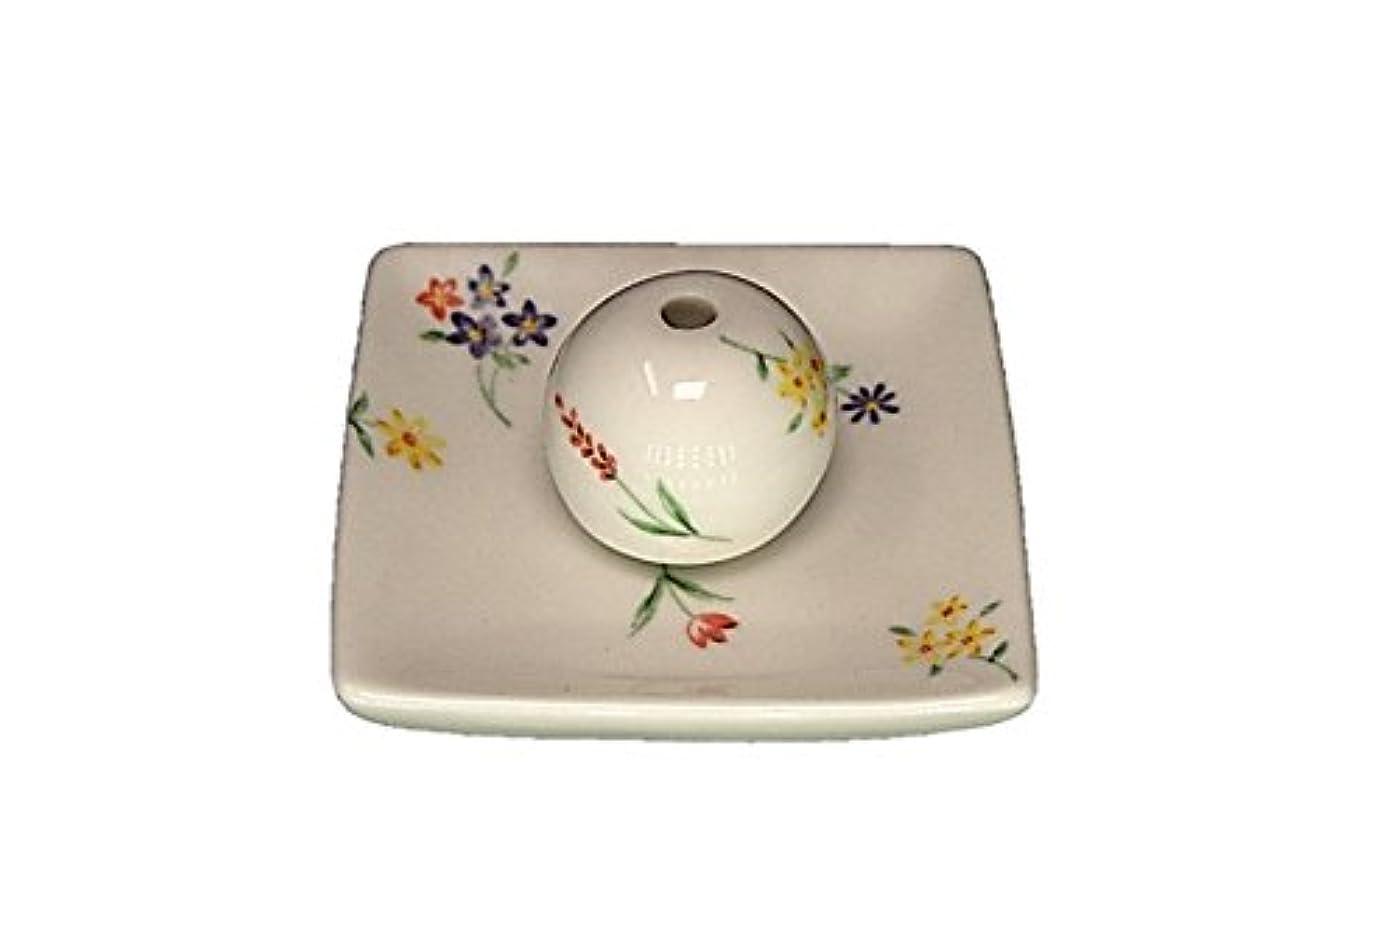 支払うマネージャー率直なブーケ 小角皿 お香立て 陶器 製造 直売